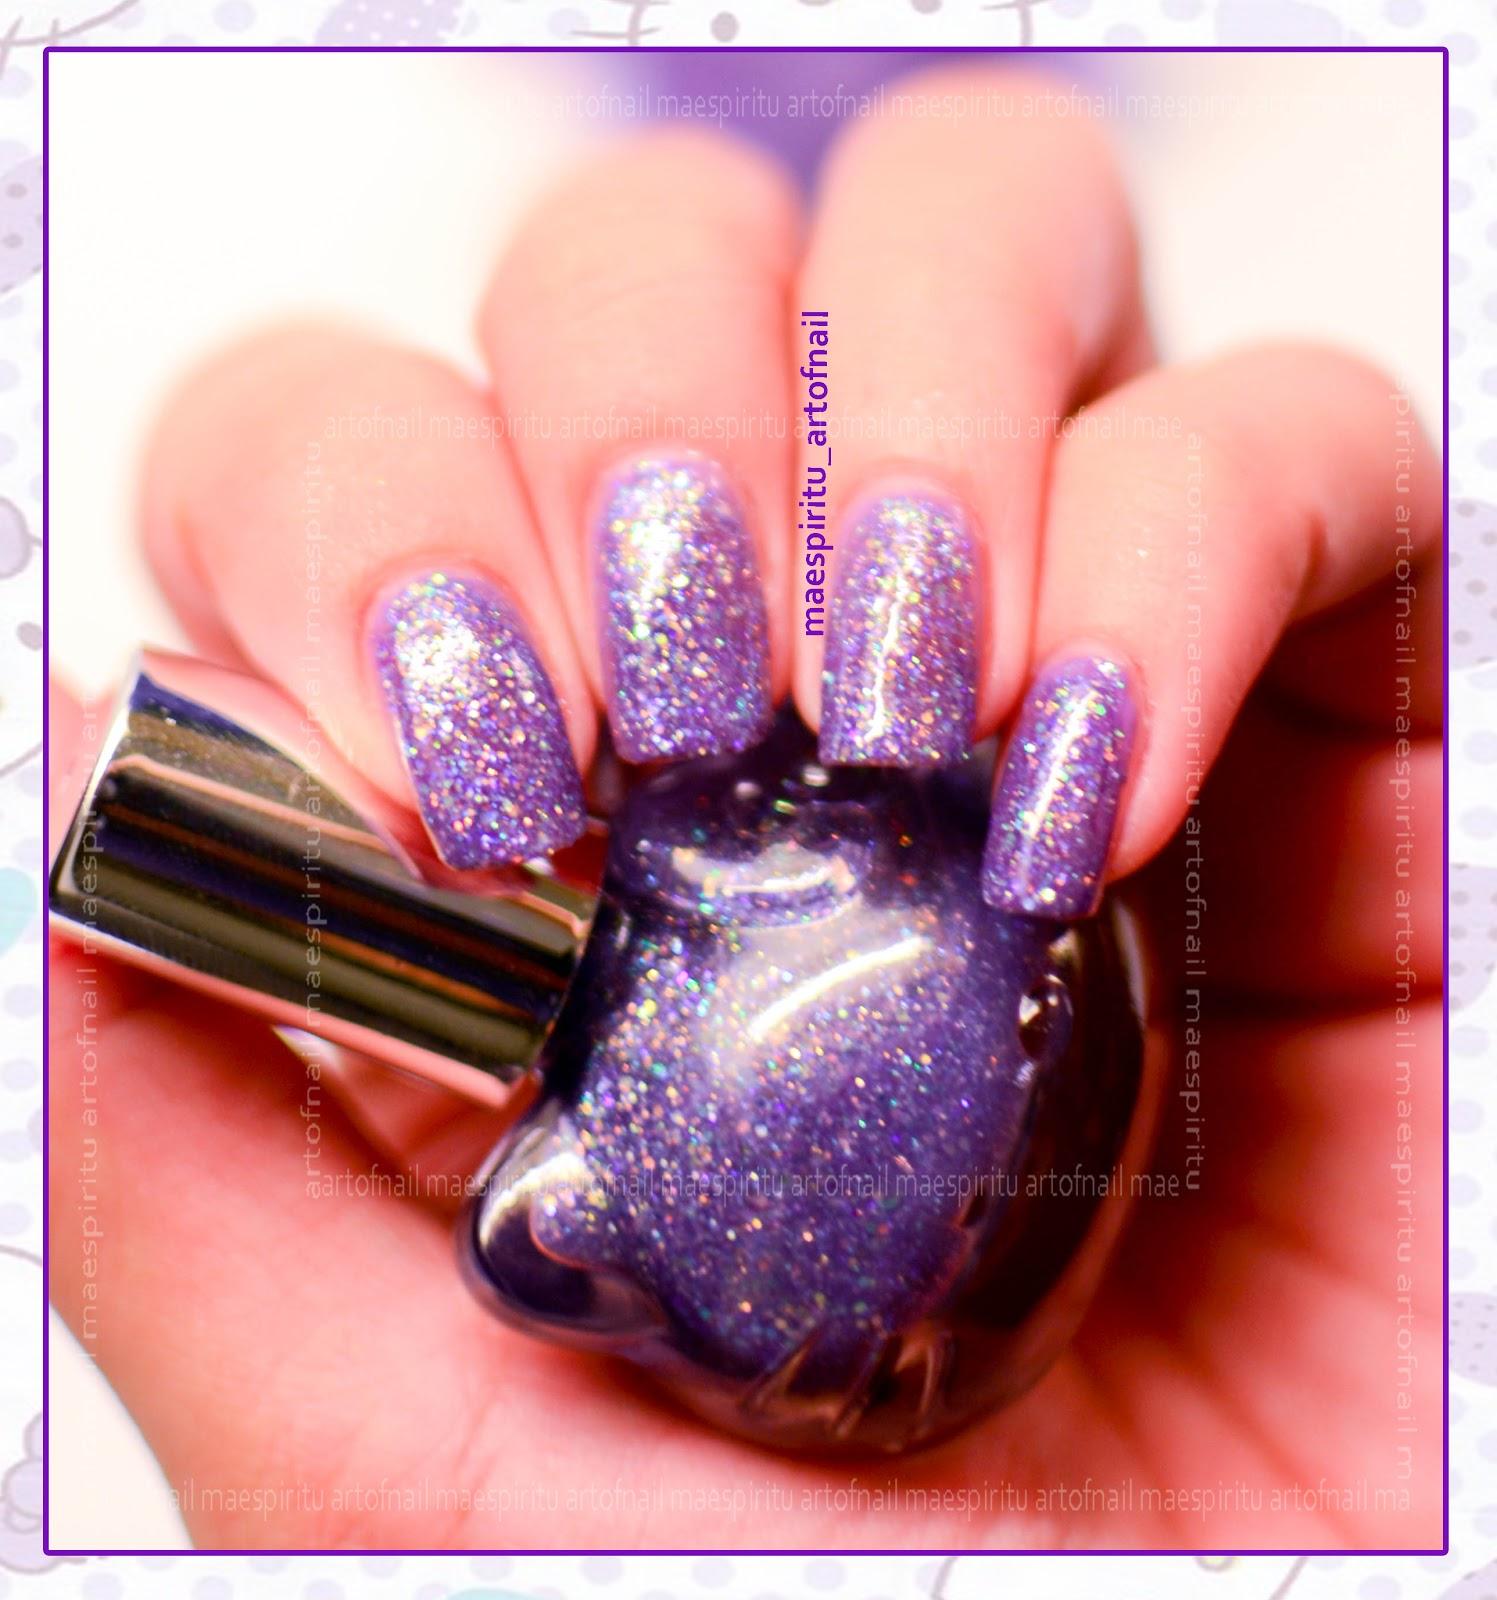 Nail Art Design Sephora Hello Kitty Purple Sprinkles Swatches